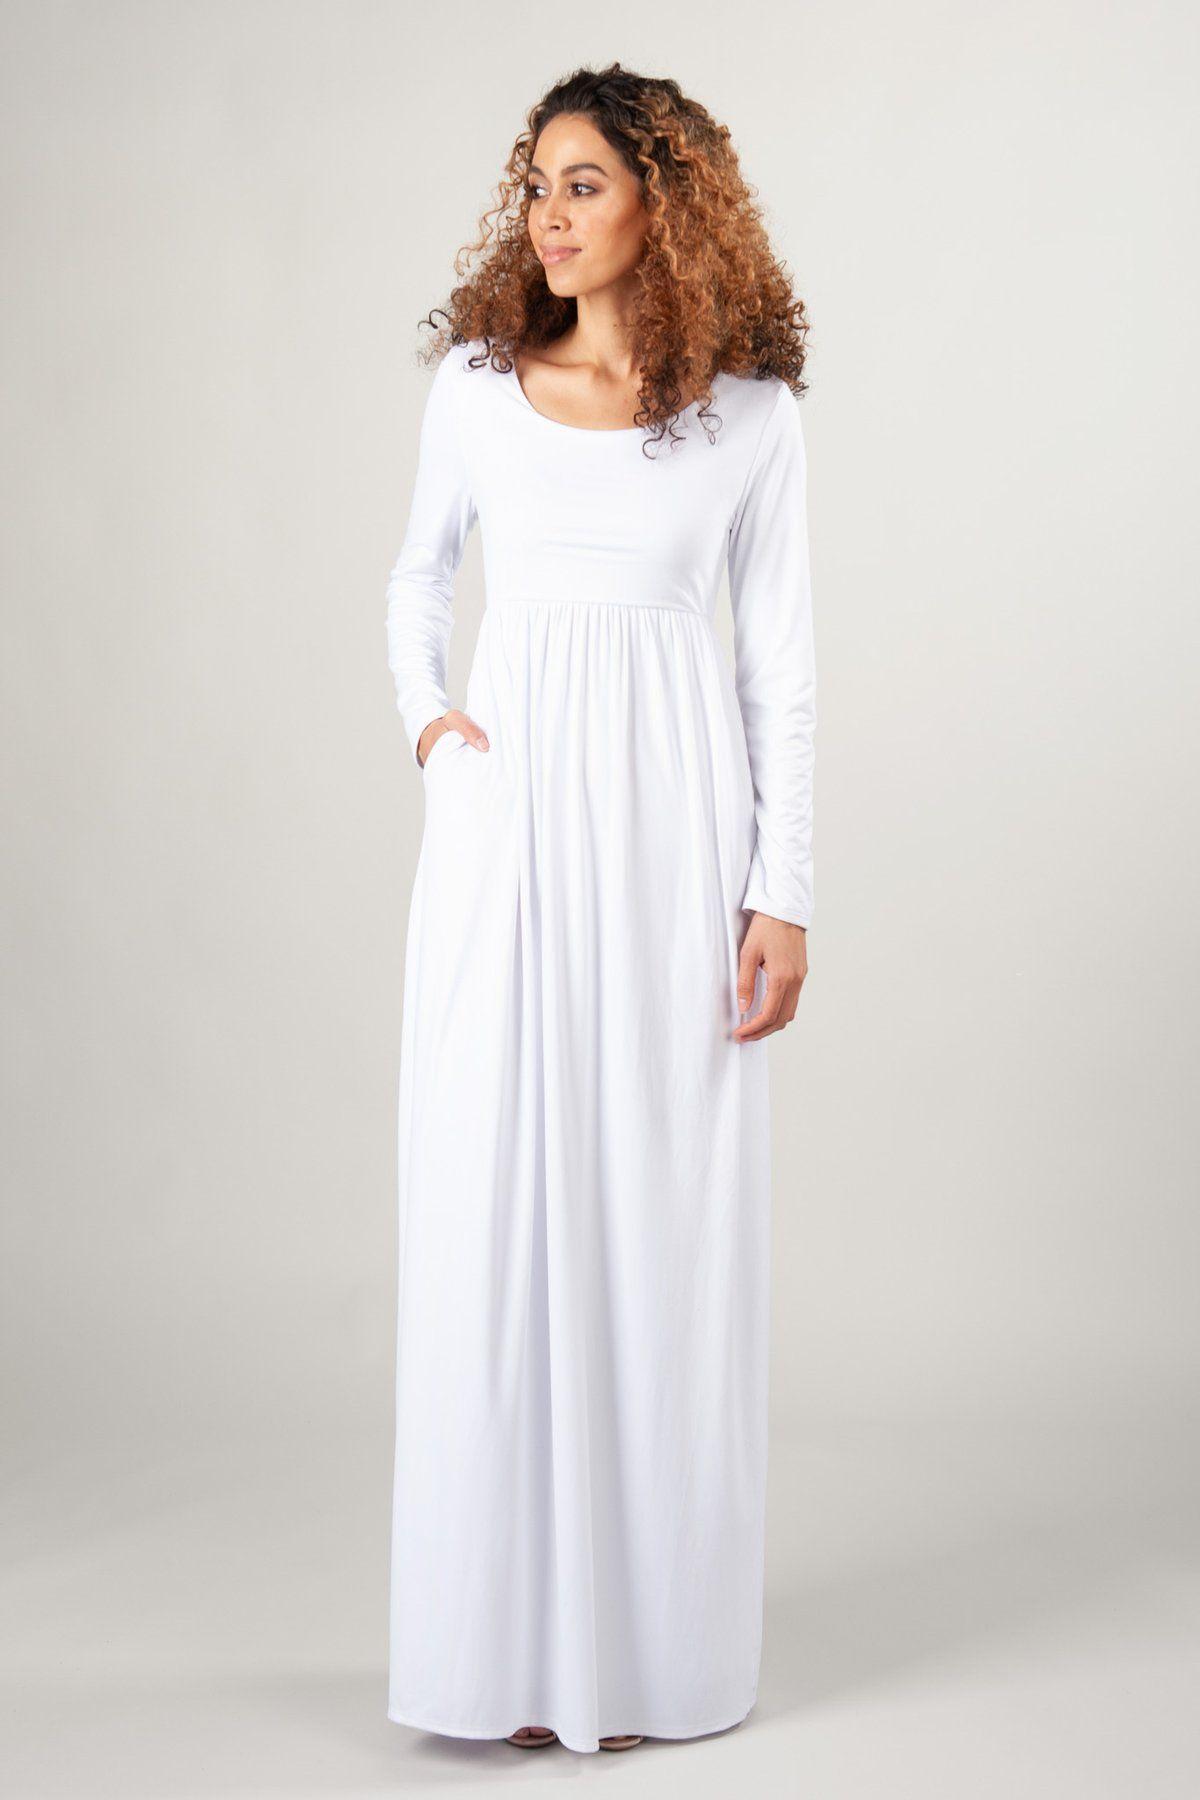 San Diego Sale Temple Dress Lds Temple Dress Dresses [ 1800 x 1200 Pixel ]